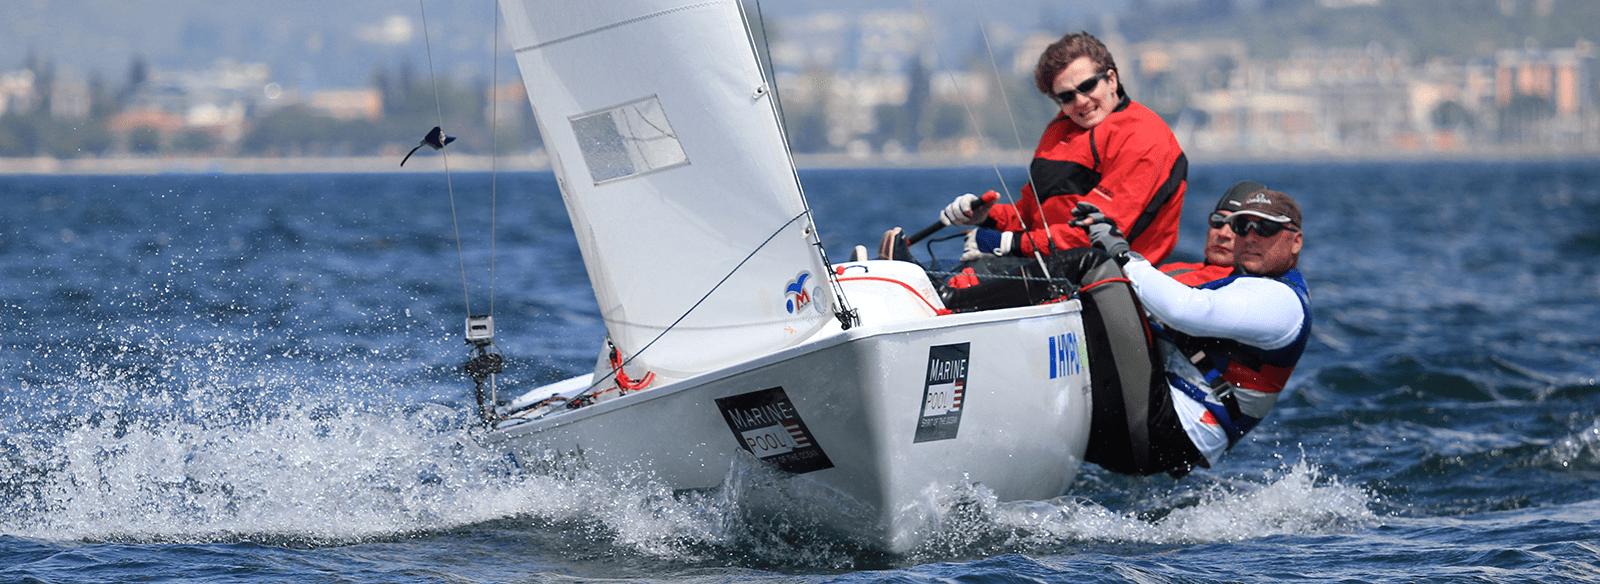 Ein Team aus drei Seglern lehnt sich von einem Segelboot um das Gleichgewicht zu halten